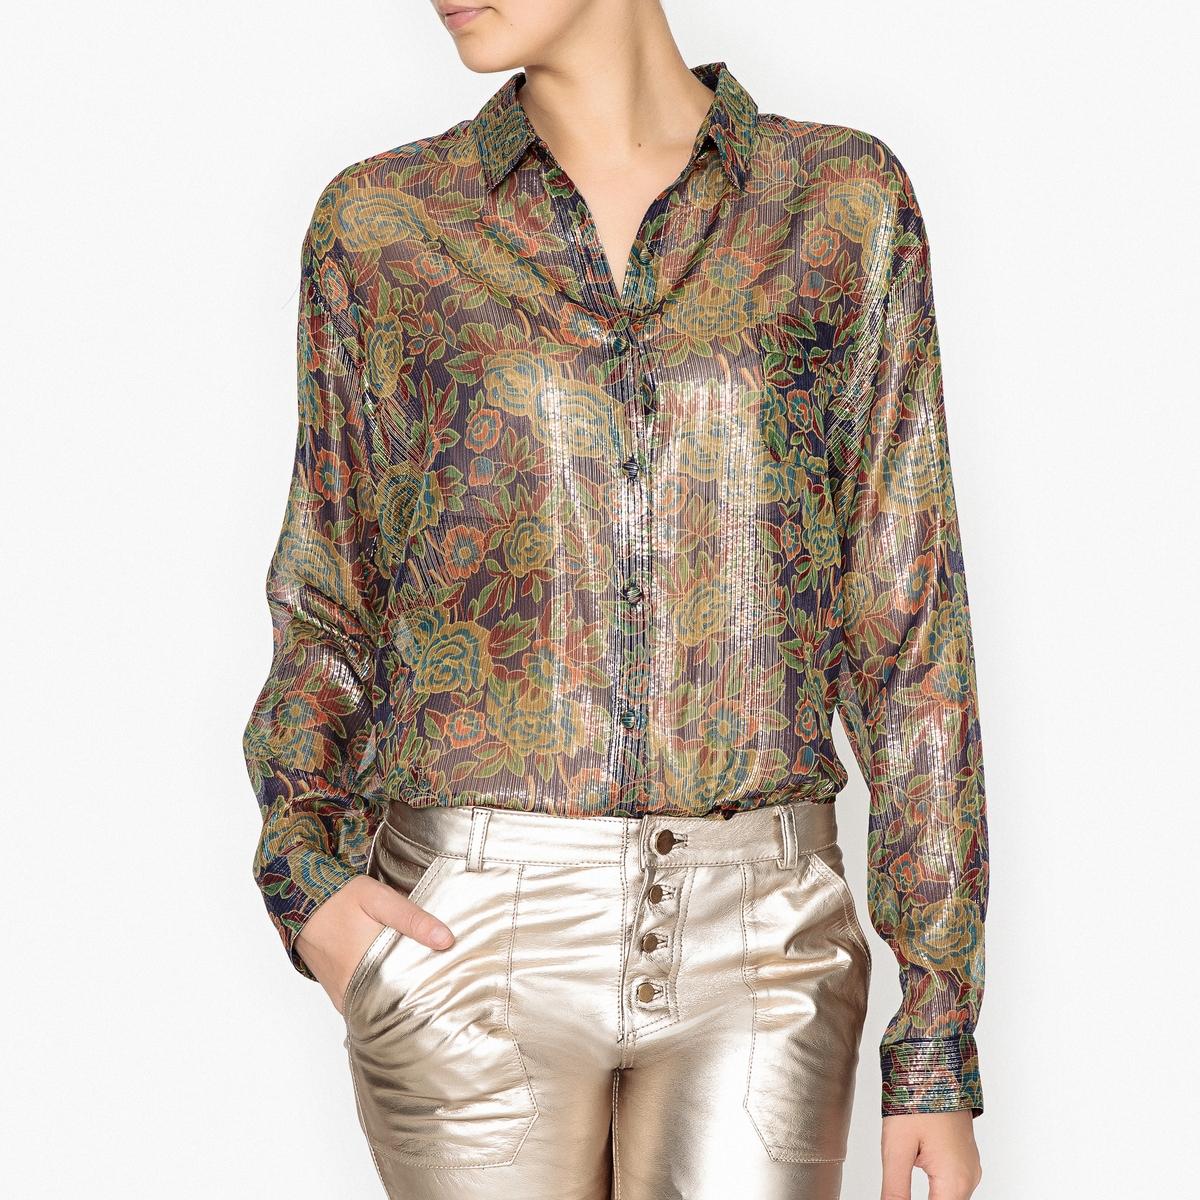 Рубашка полупрозрачная блестящая с рисунком CERISIERРубашка с рисунком MES DEMOISELLES - модель CERISIER из полупрозрачной ткани из тонкого блестящего шелка меланж .Детали •  Длинные рукава  •  Покрой бойфренд, свободный •  Воротник-поло, рубашечный  •  Рисунок-принтСостав и уход •  80% шелка, 20% металлизированных волокон •  Следуйте советам по уходу, указанным на этикетке<br><br>Цвет: набивной рисунок